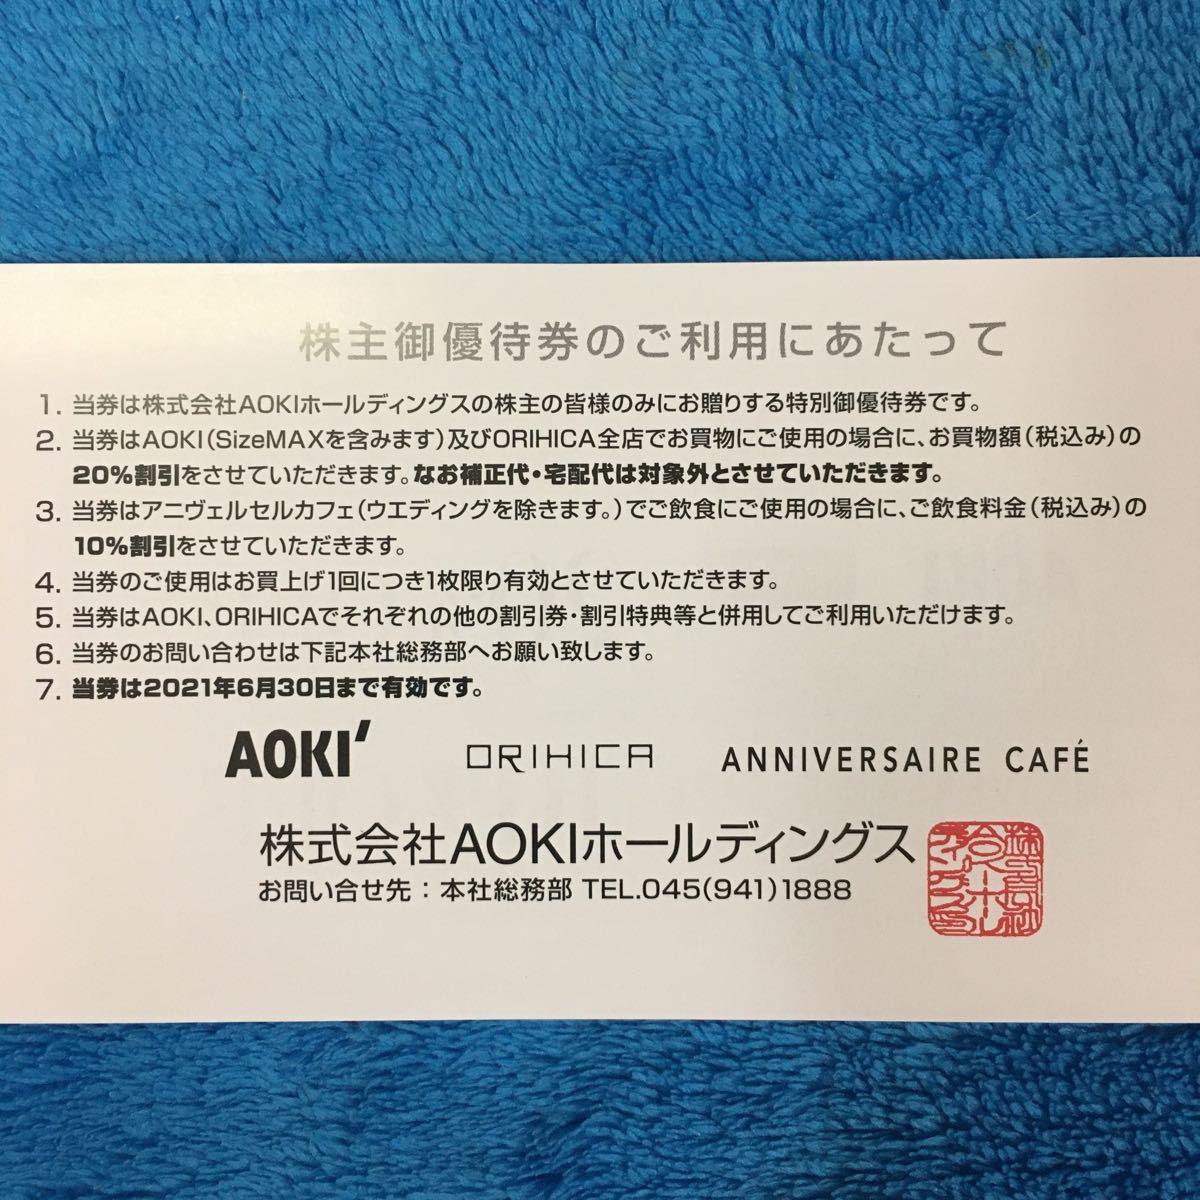 【最新】AOKI(アオキ)・ORIHICA株主優待券1枚 20%OFF ミニレター対応63円 アオキ・オリヒカ 2021年6月30日まで_画像2